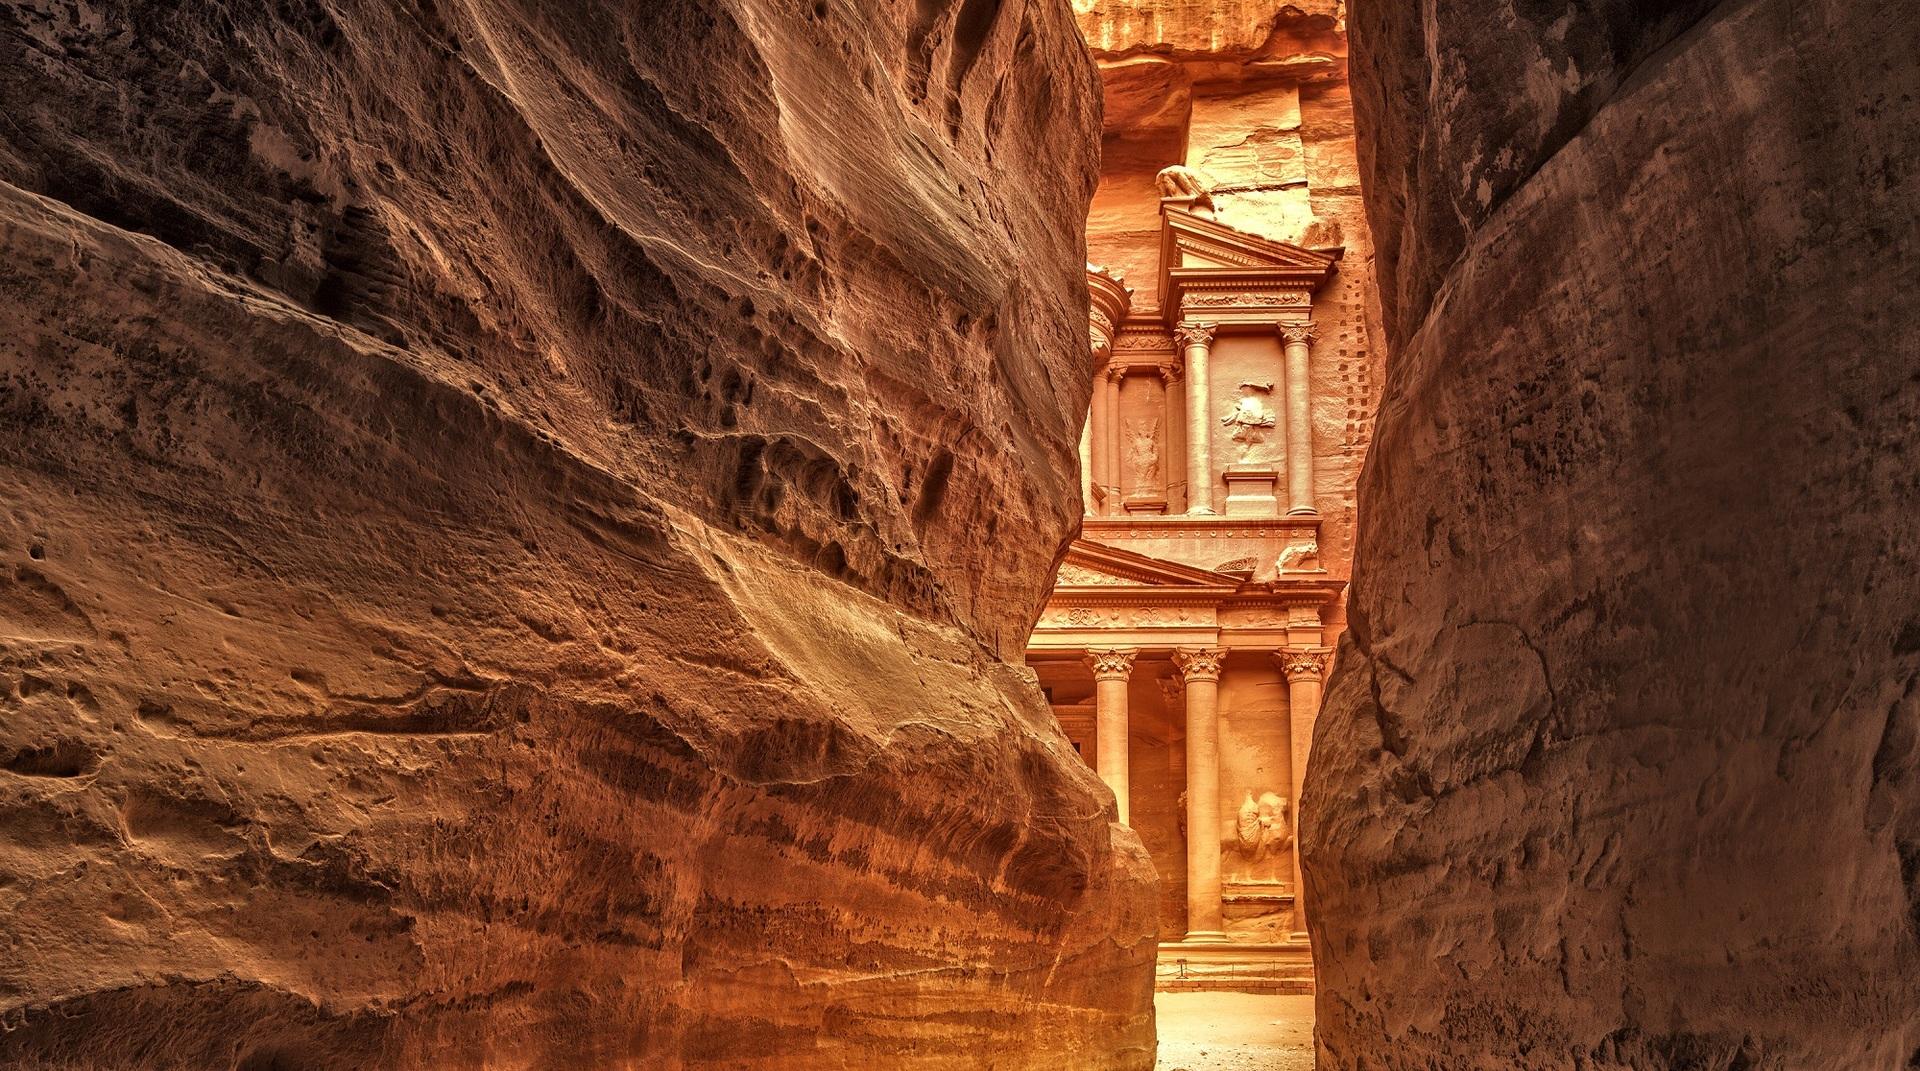 Het prachtige Petra, iets wat je gezien moet hebben tijdens je reis naar Jordanië!